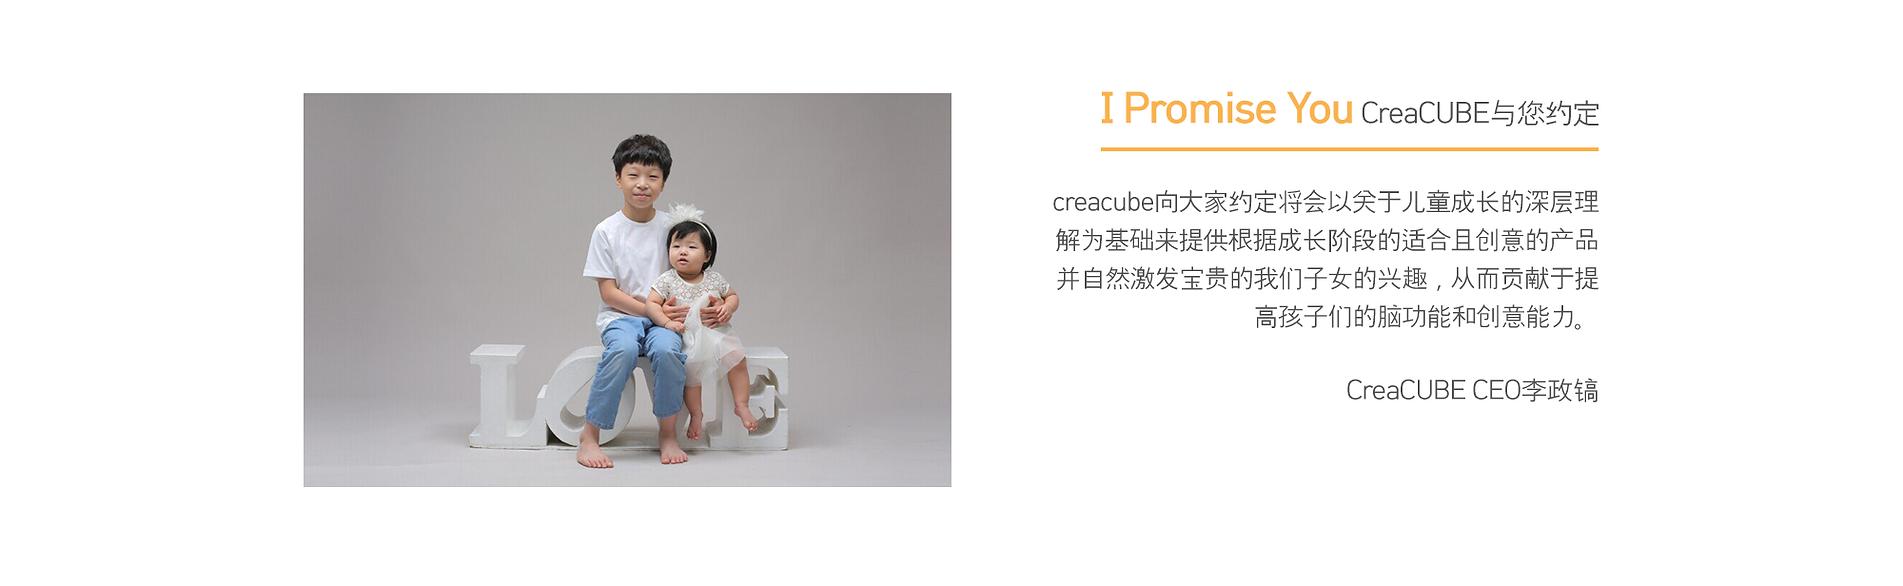 크레아큐브-메인-내용-중국어02.png